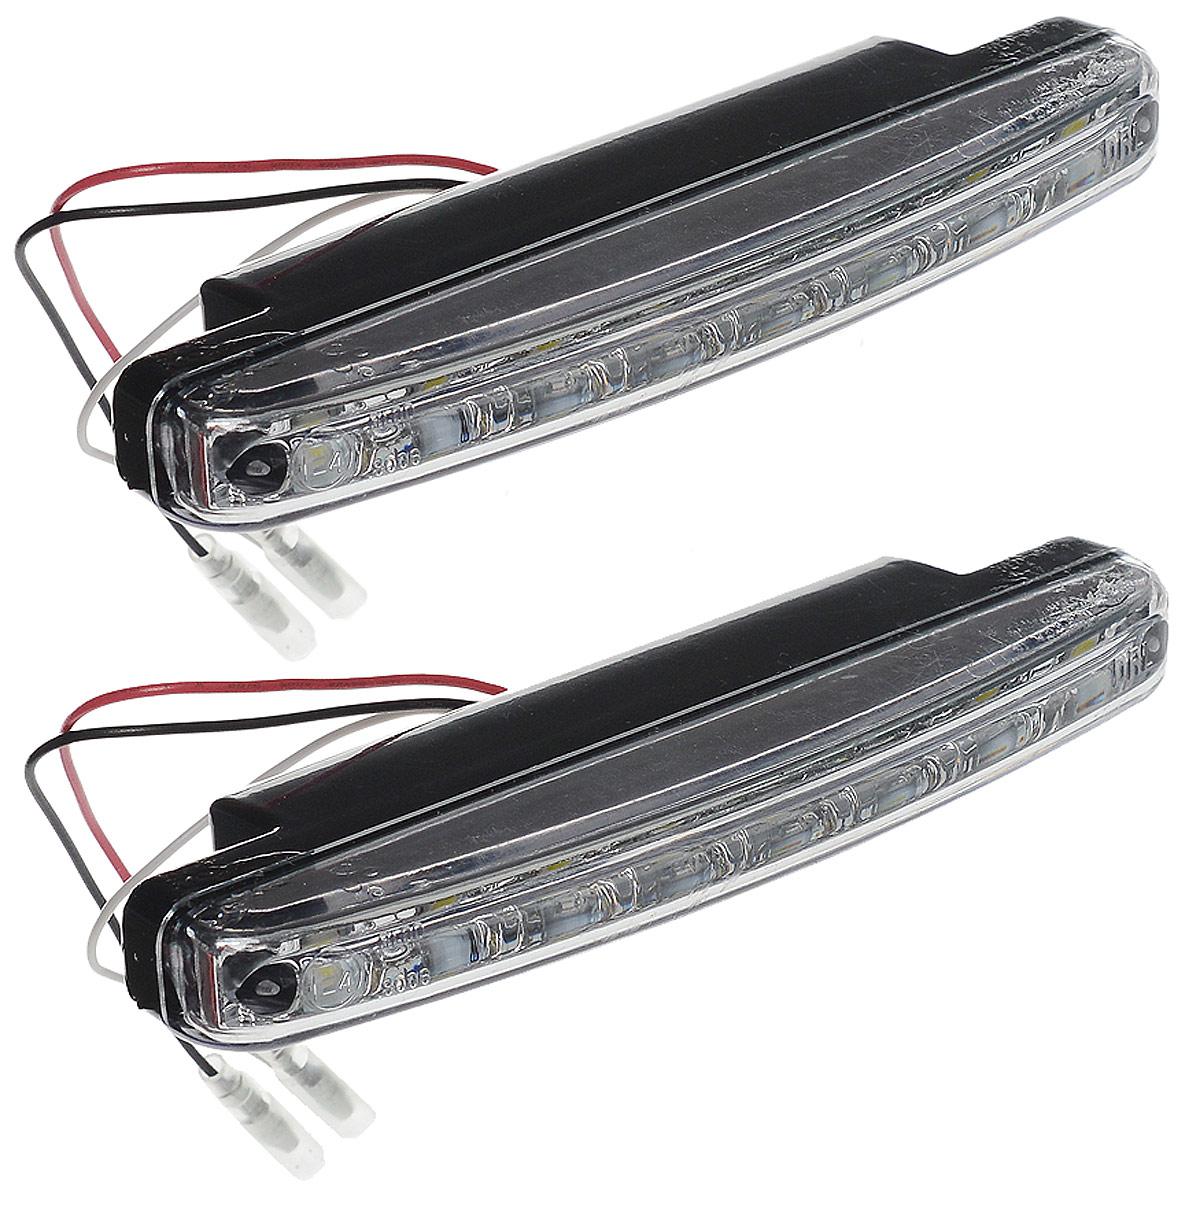 Дневные ходовые огни AVS DL-8S, 2 шт96281496Дневные ходовые огни AVS DL-8S - это лампы грузового или легкового автомобиля, используемые для повышения видимости автотранспортного средства в дневное время.Напряжение: 12 В.Мощность: 2,4 Вт х 2.Количество светодиодов: 8 х 2.Модель светодиода: Epistar (SMD 5050 0.3W).Температура свечения: 5000 К.Общий световой поток: 240 Лм.IP защита: 55.